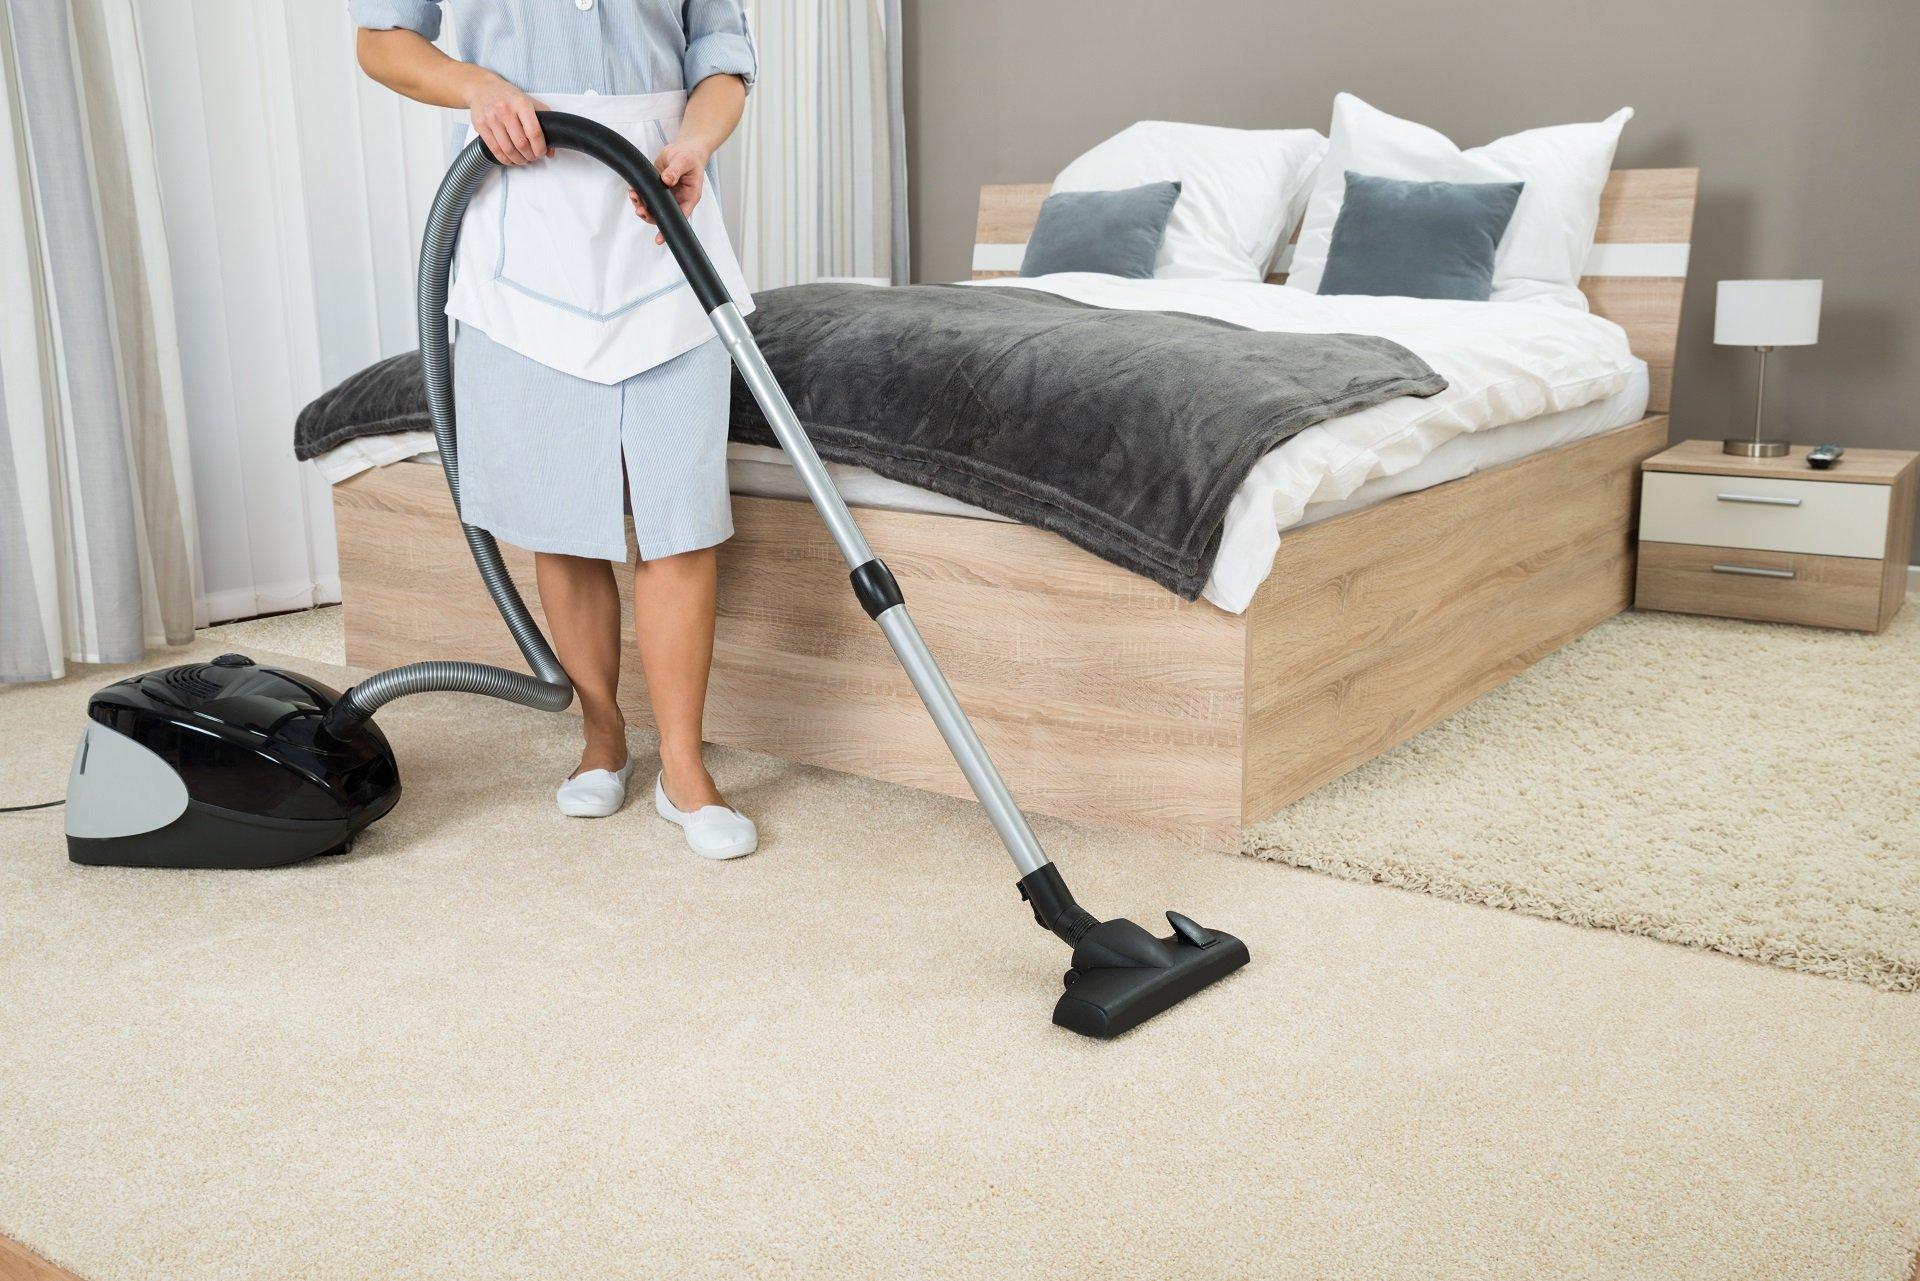 pulizia di tappeti e moquette